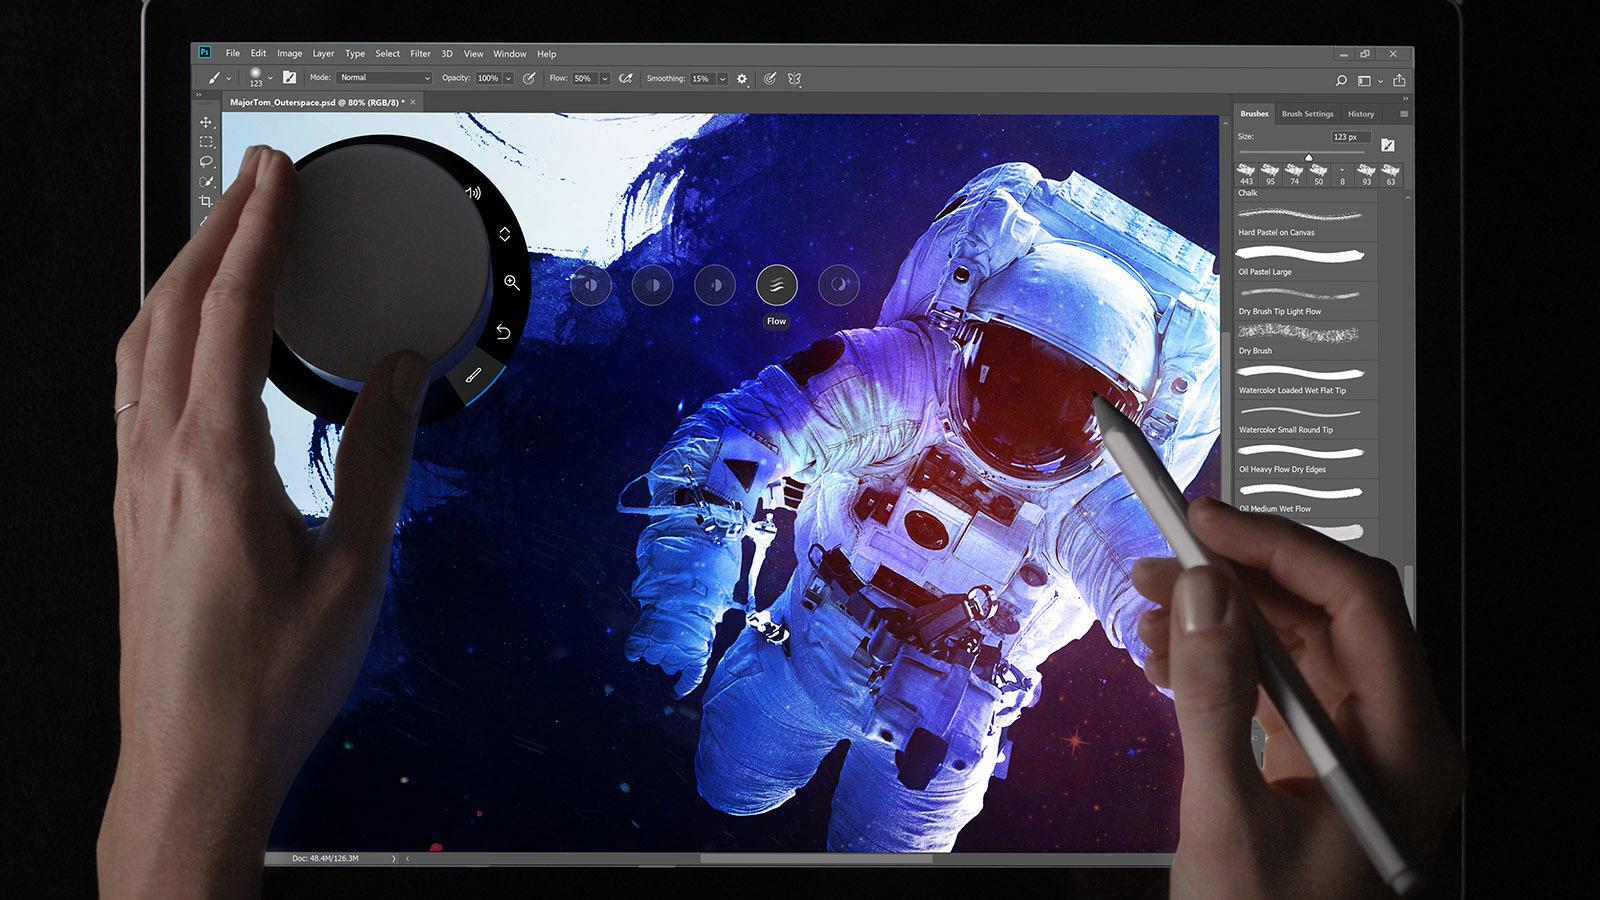 Có gì mới trong phiên bản tháng 10 của Adobe Photoshop CC?